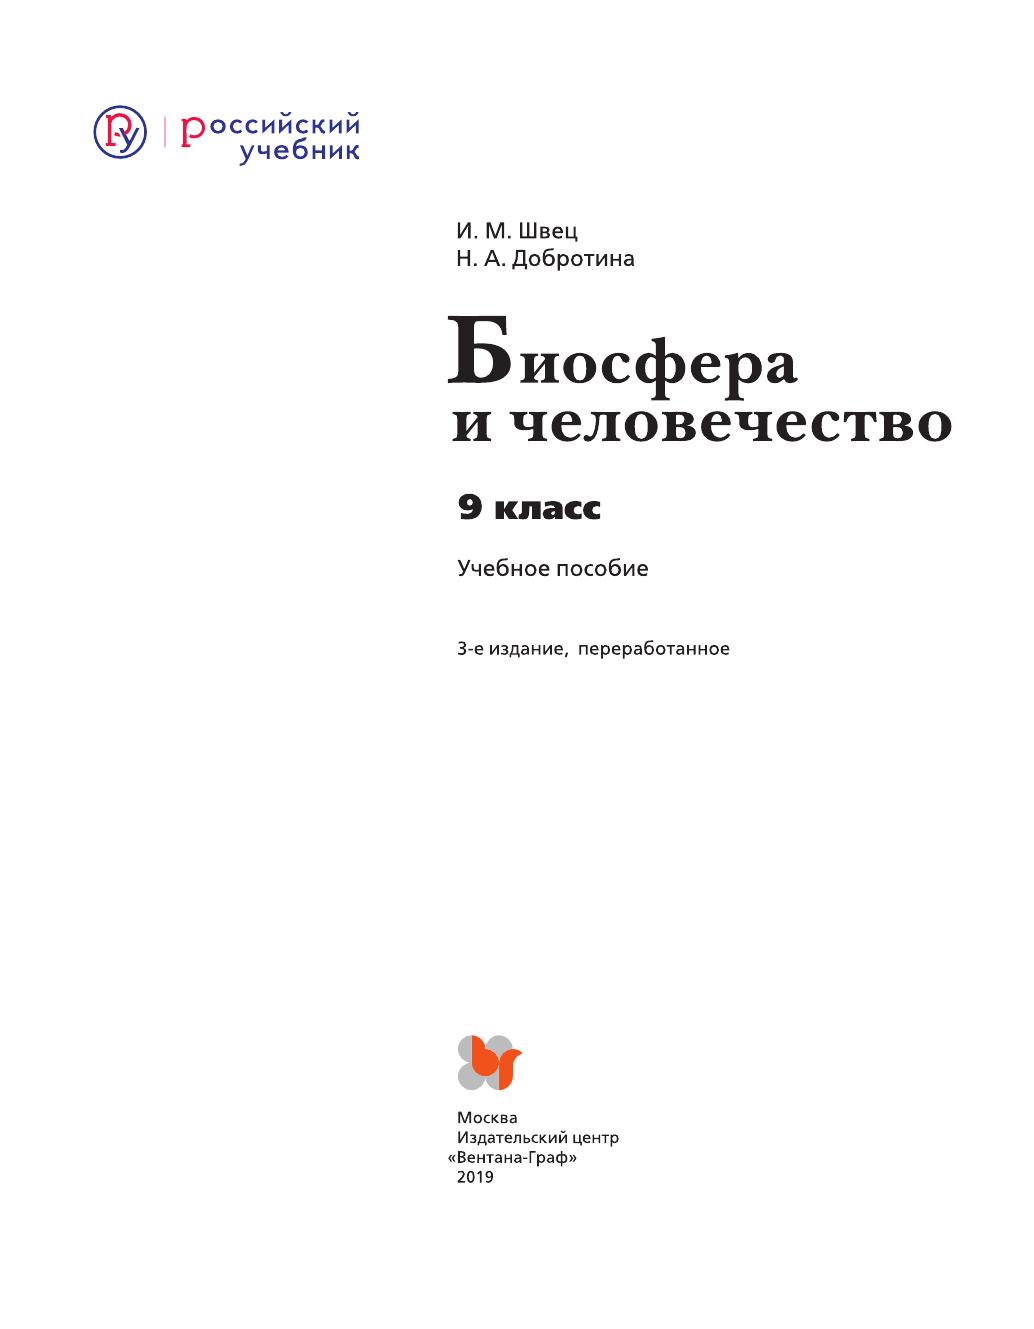 Экология. 9 класс. Биосфера и человечество. Учебное пособие - страница 1